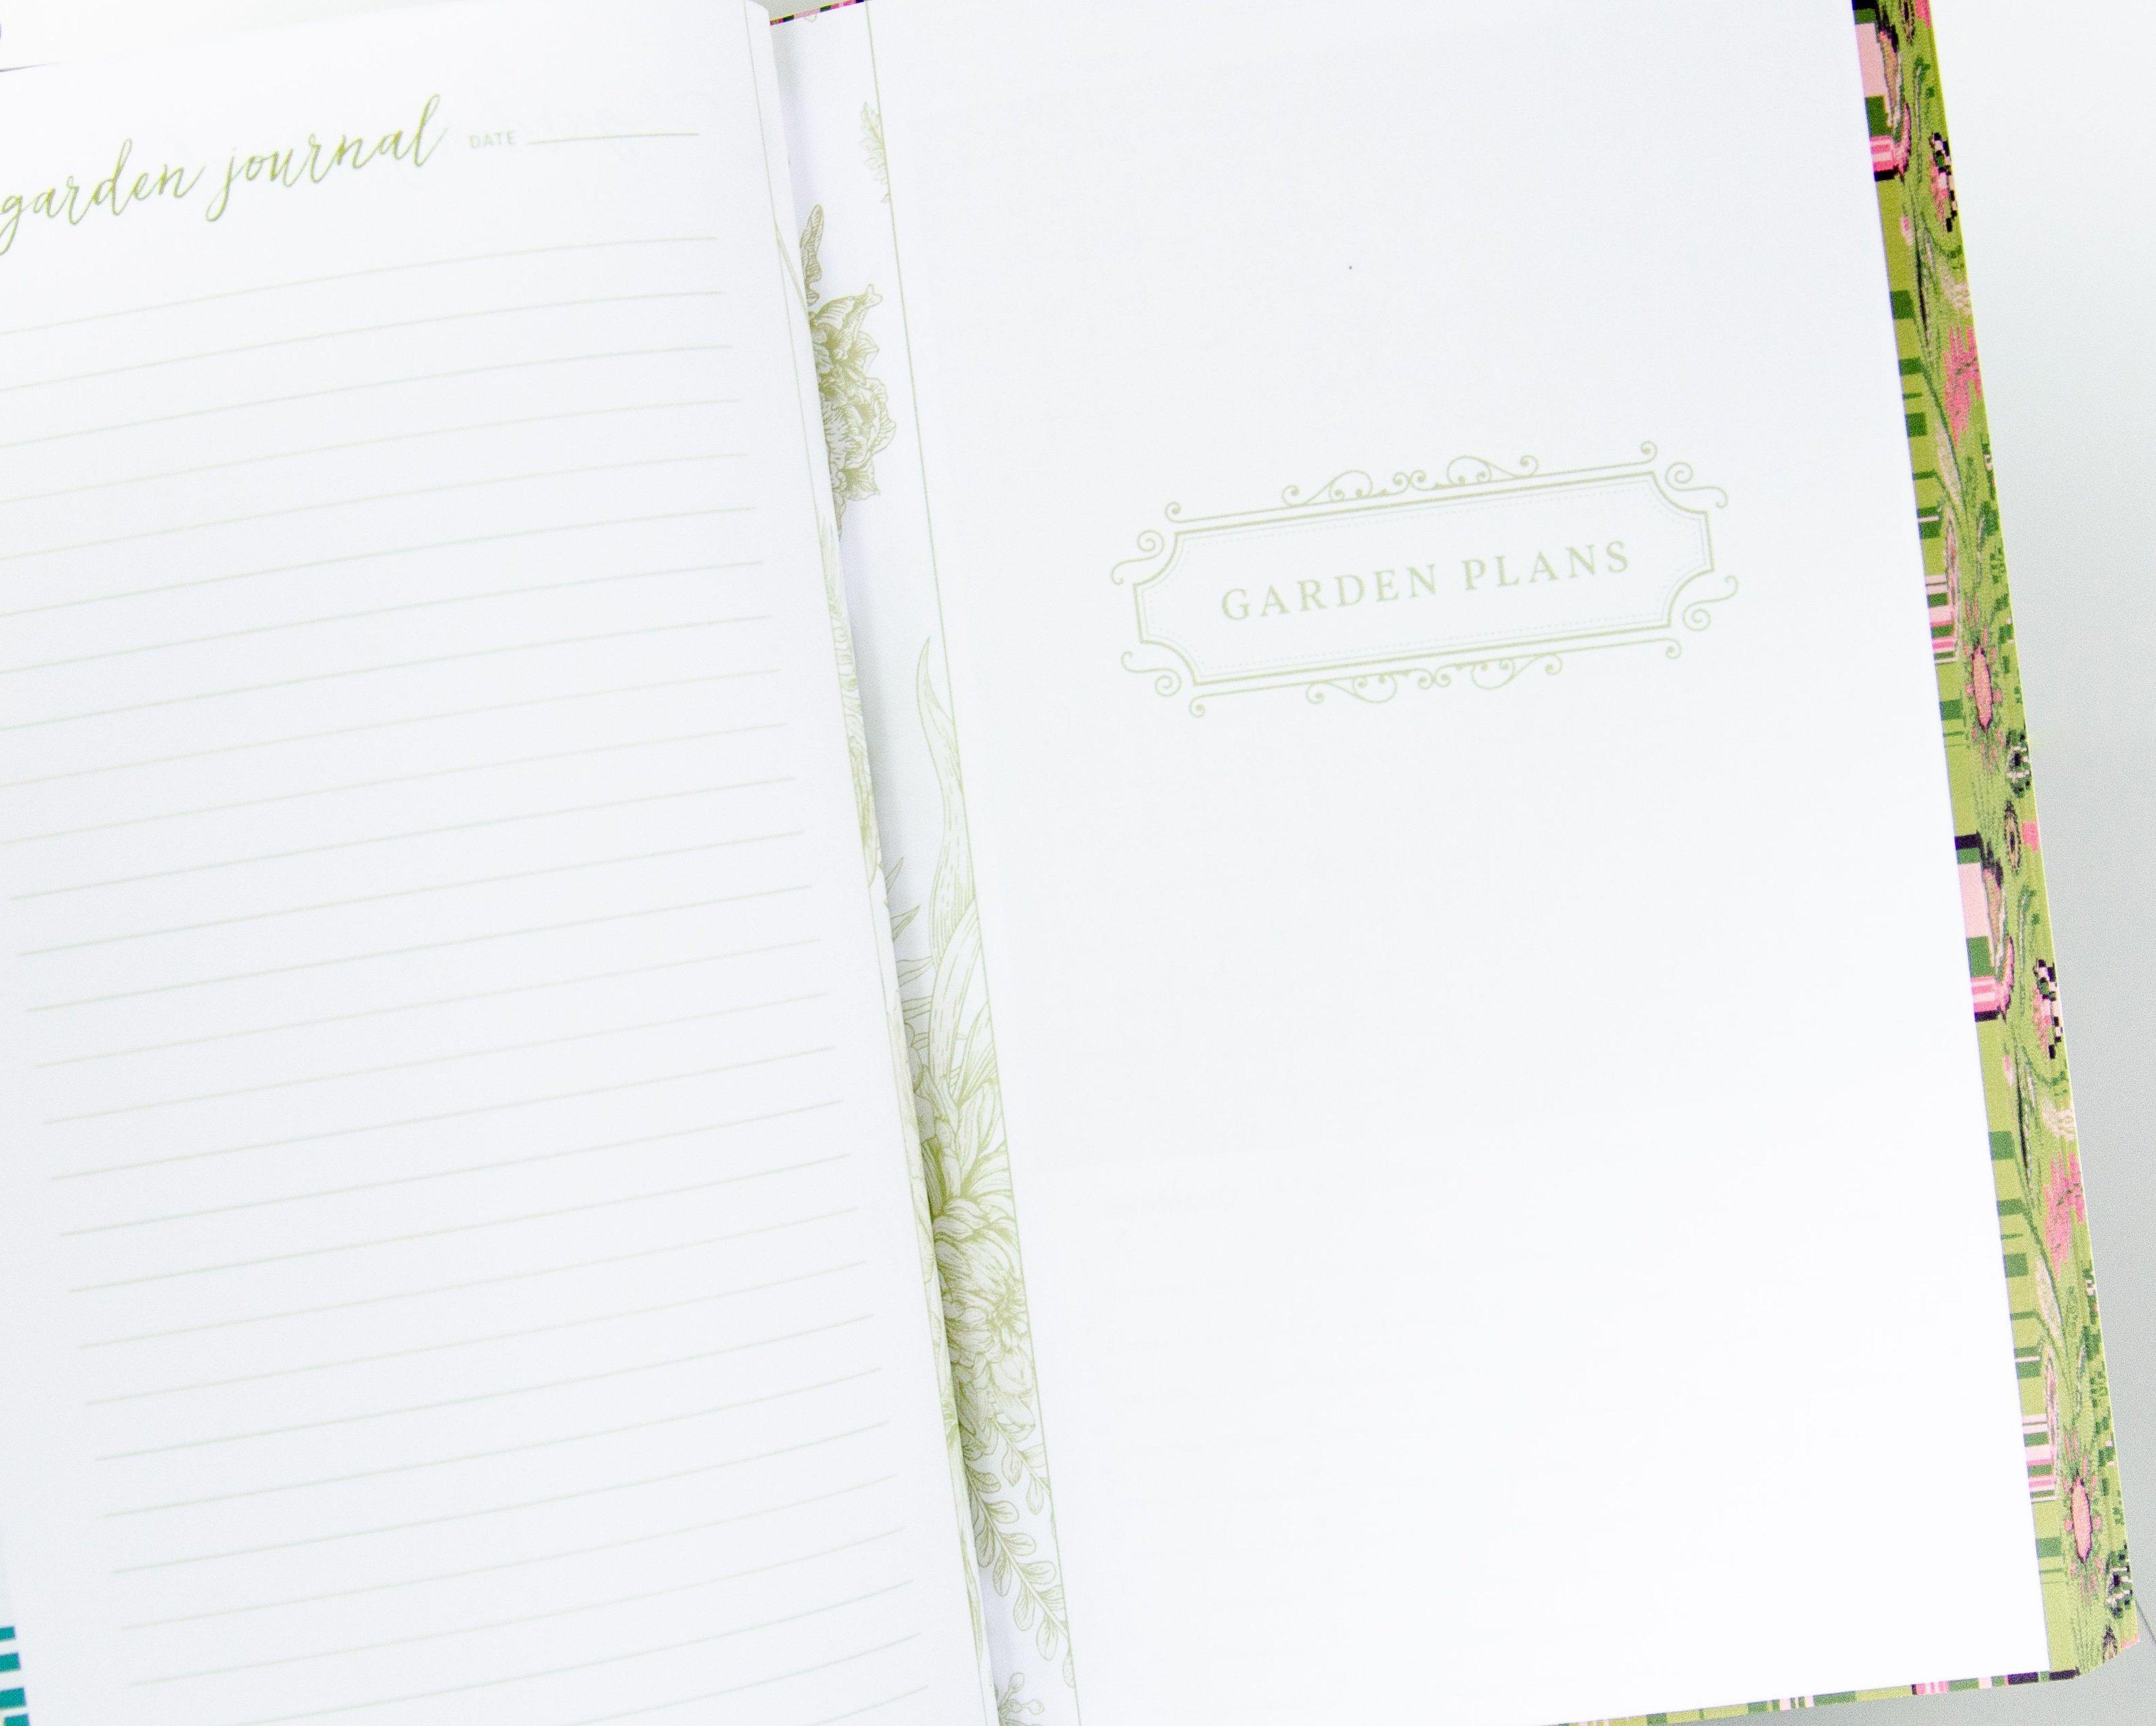 Garden Book - Garden Plan Cover Page